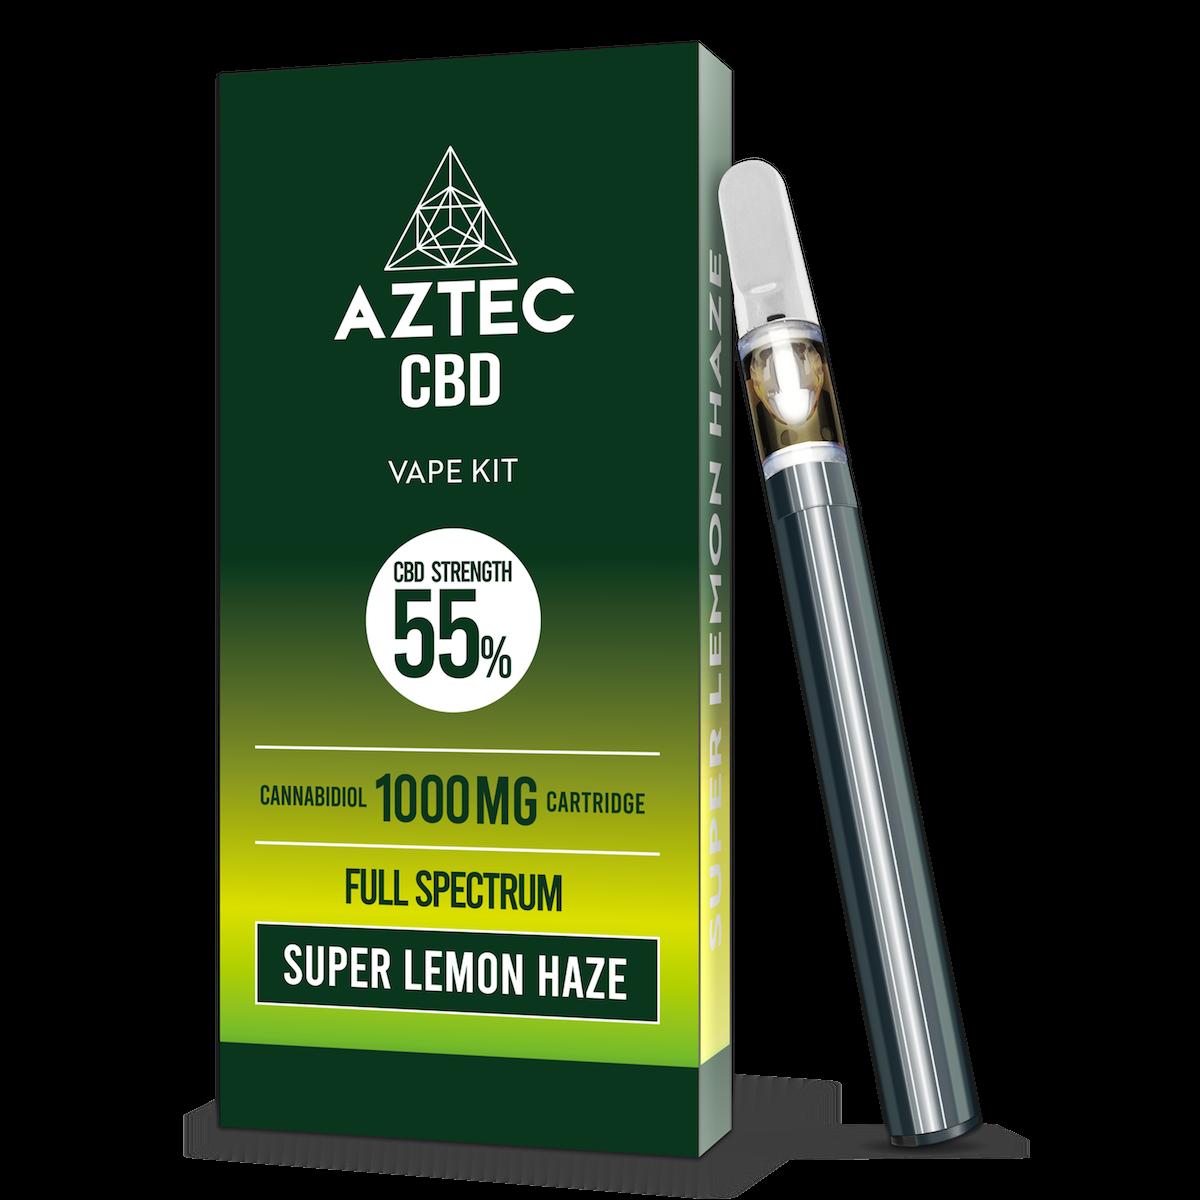 Aztec Super Lemon Haze 55% CBD Vaping Kit